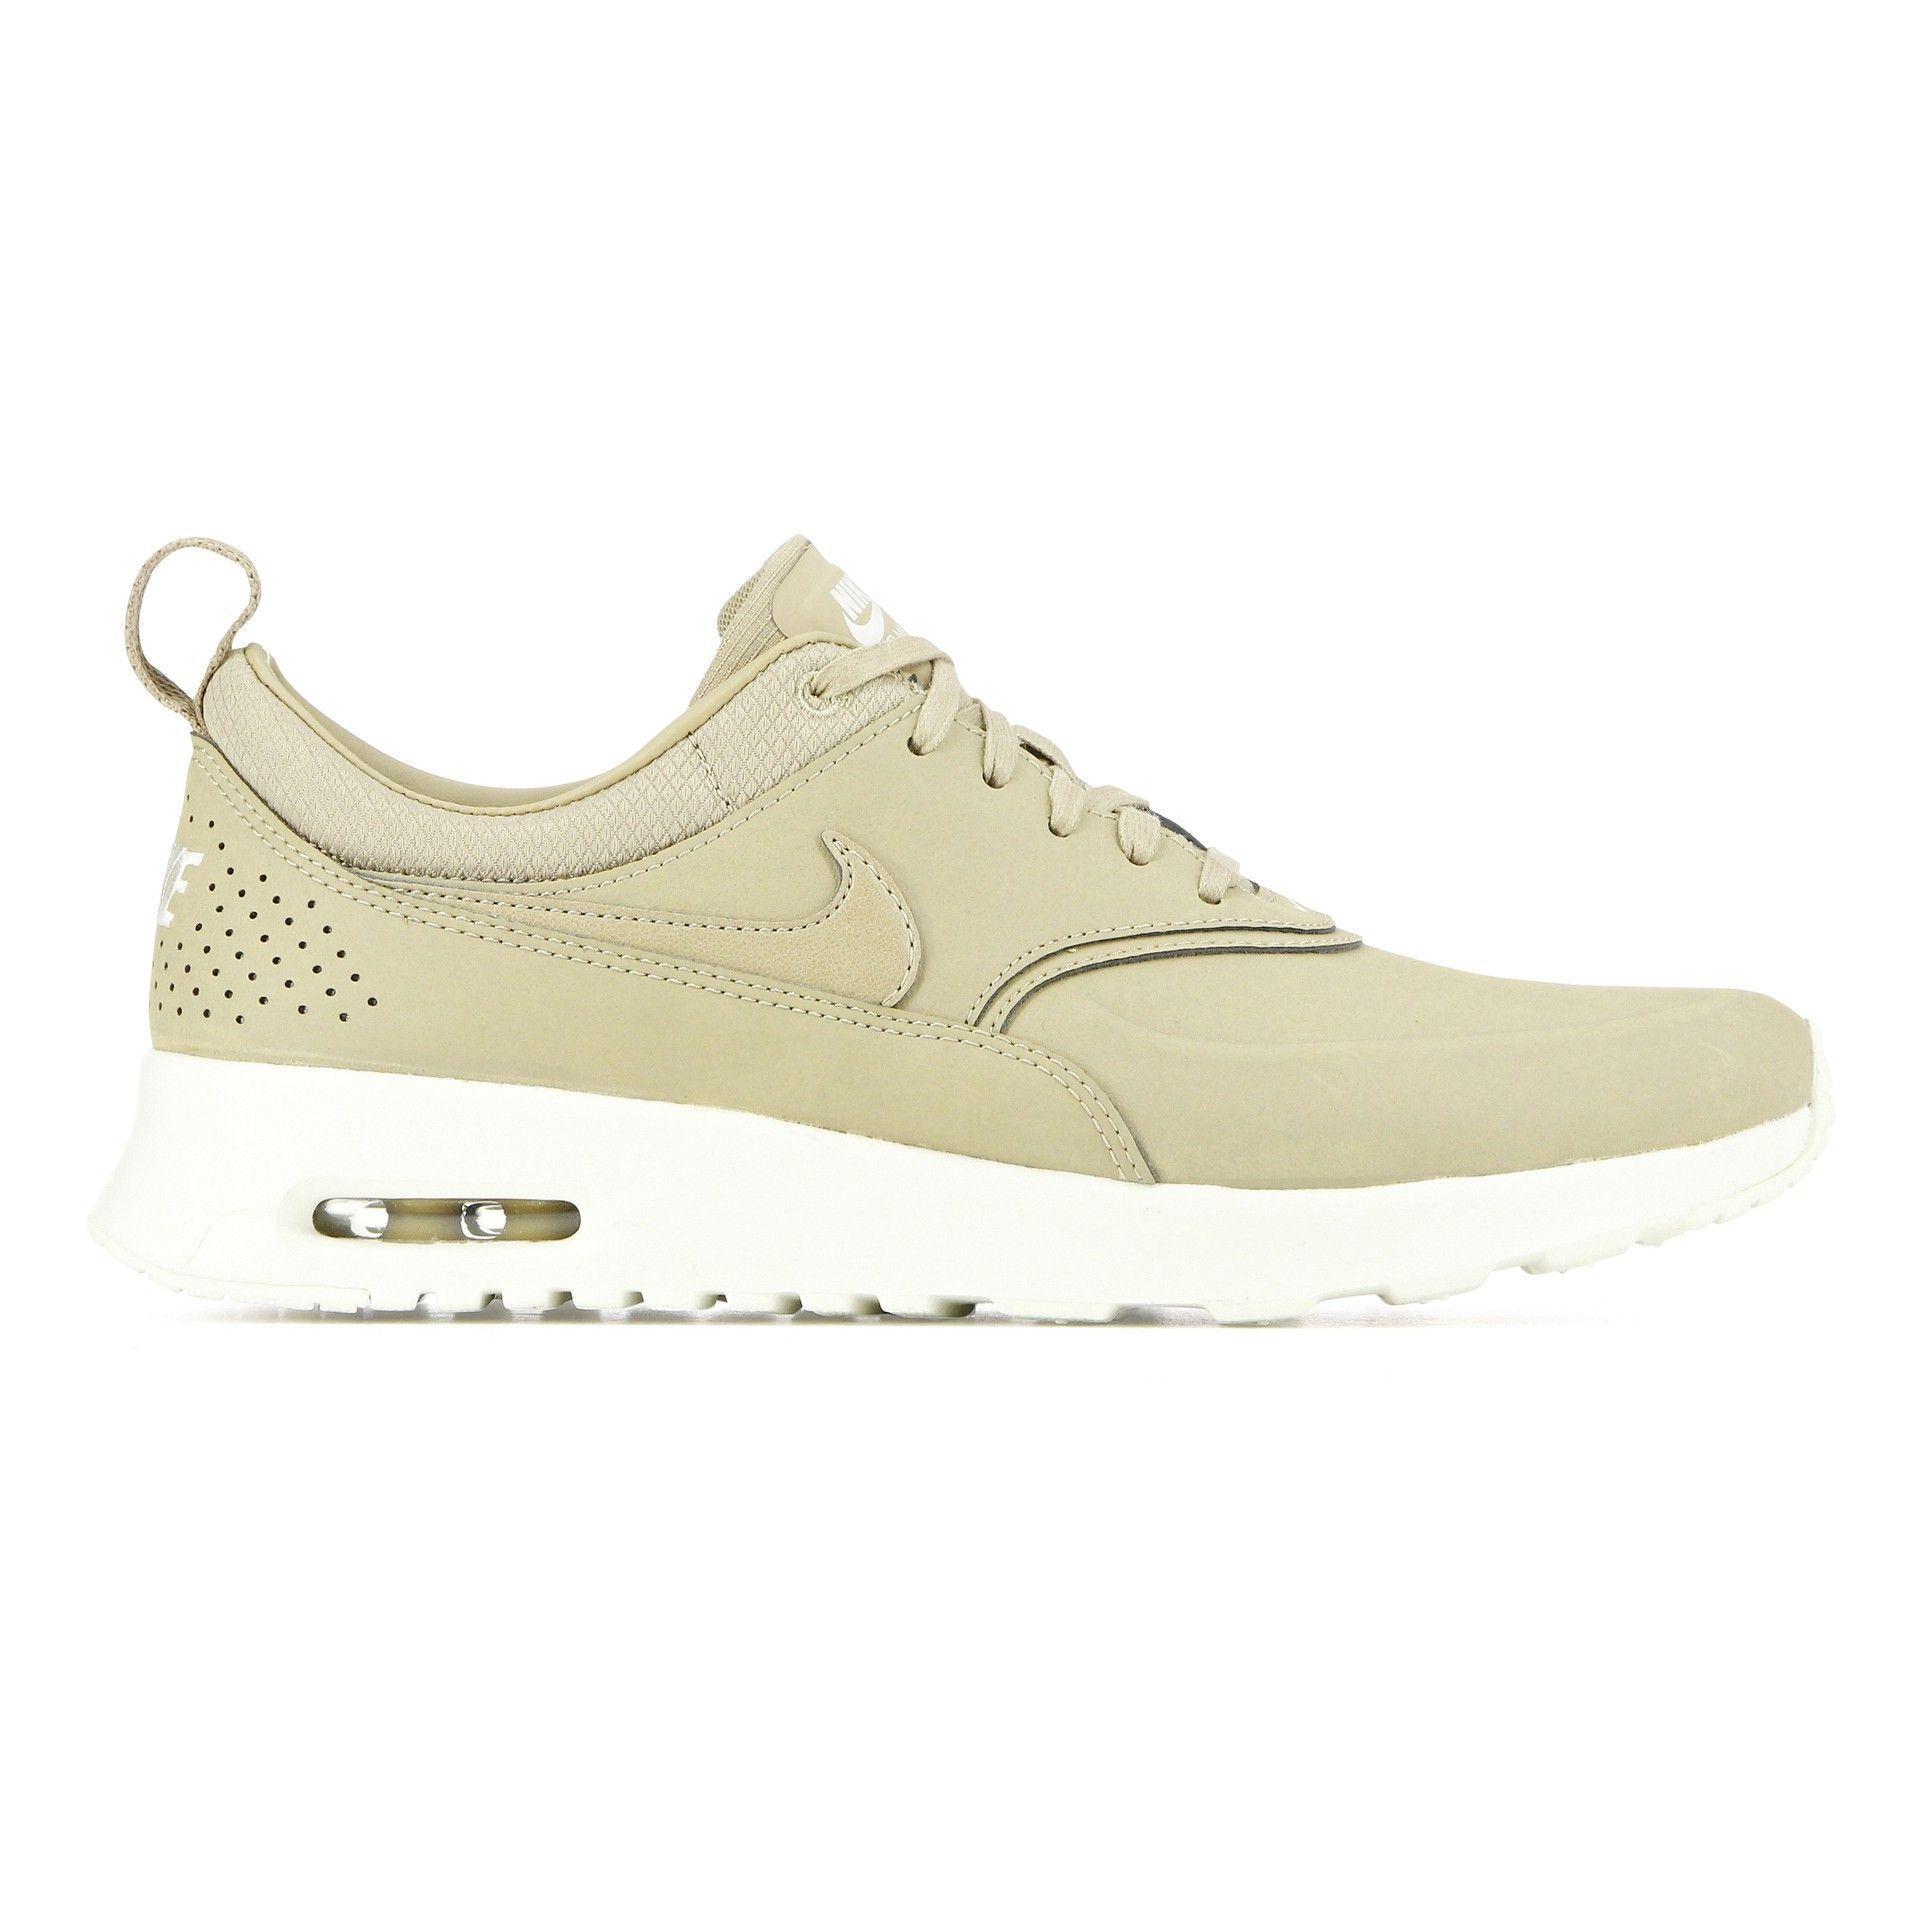 nike chaussure femme beige